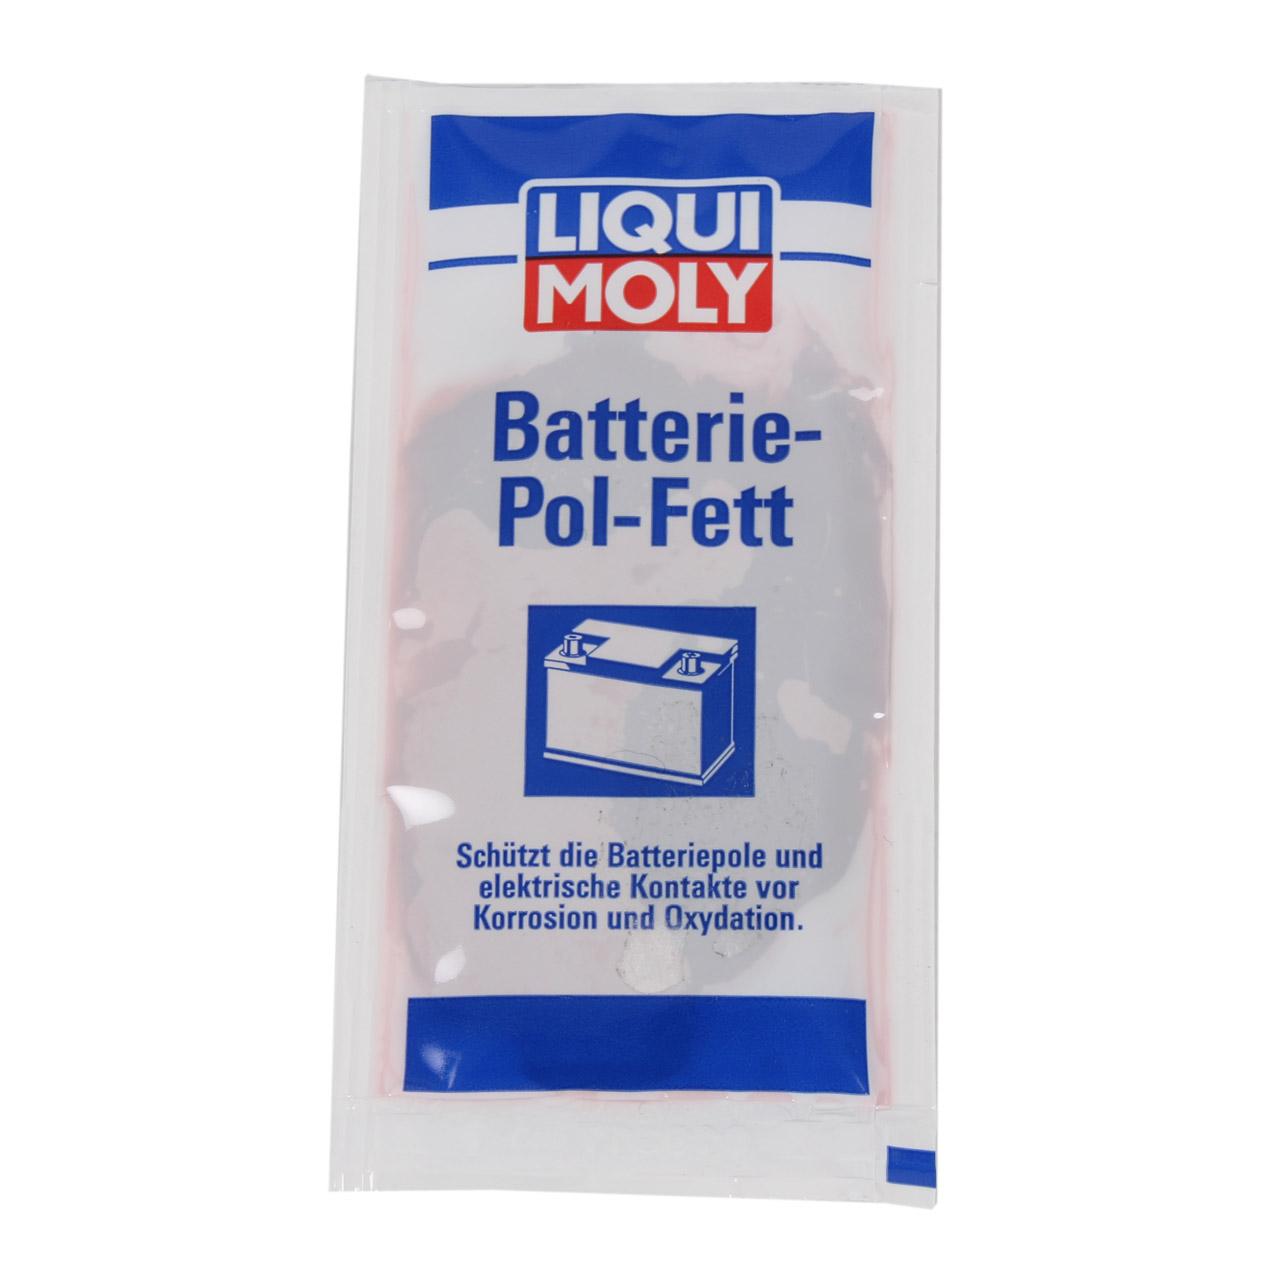 LIQUI MOLY 3139 Batteriepolfett Batterie-Pol-Fett 10 g